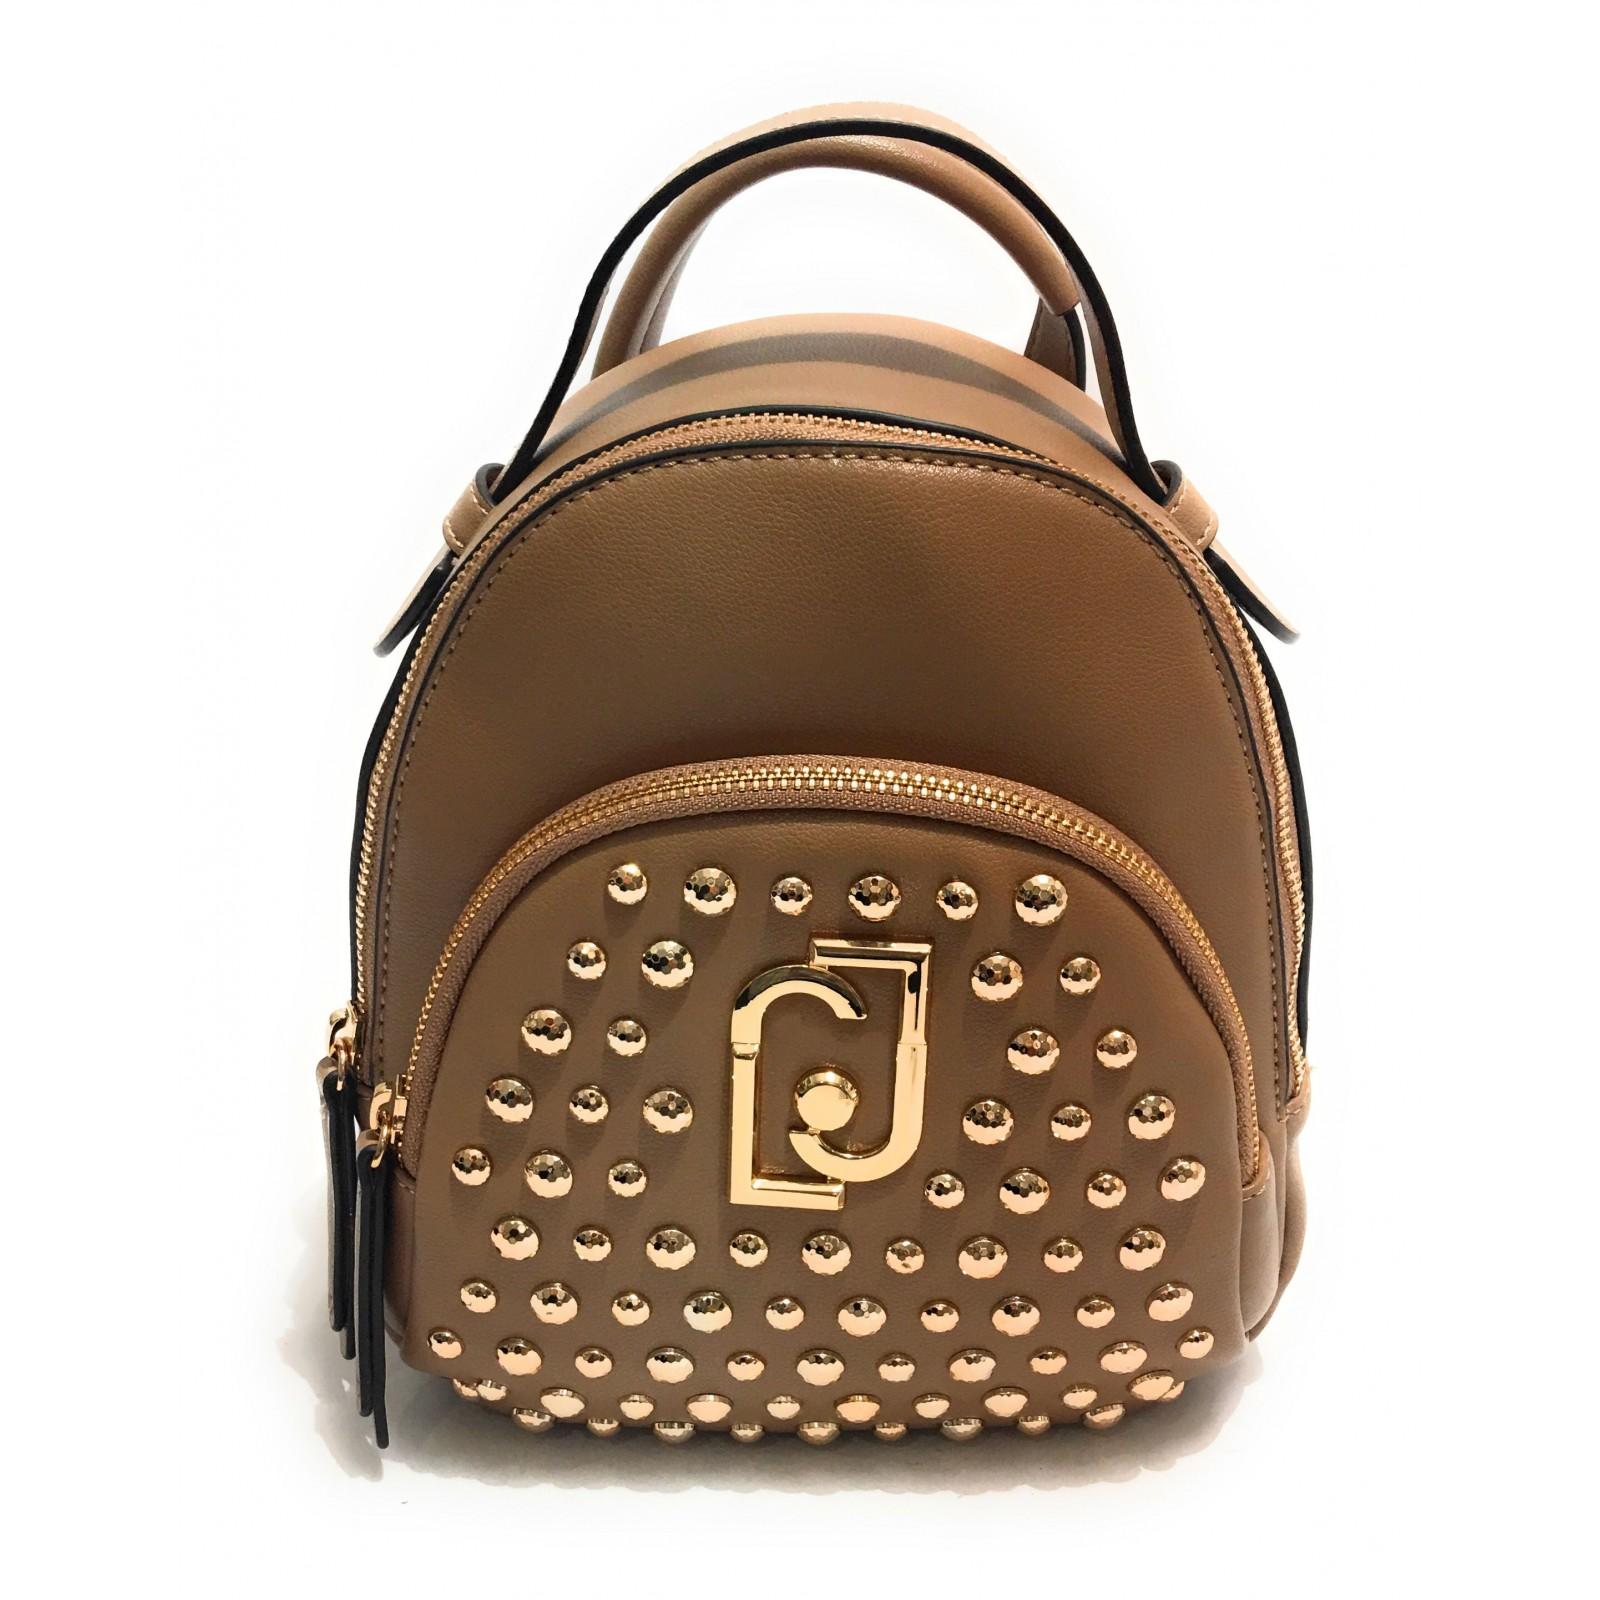 compra meglio design senza tempo vendita professionale Zaino Liu Jo piccolo N69140 E0006 nuez